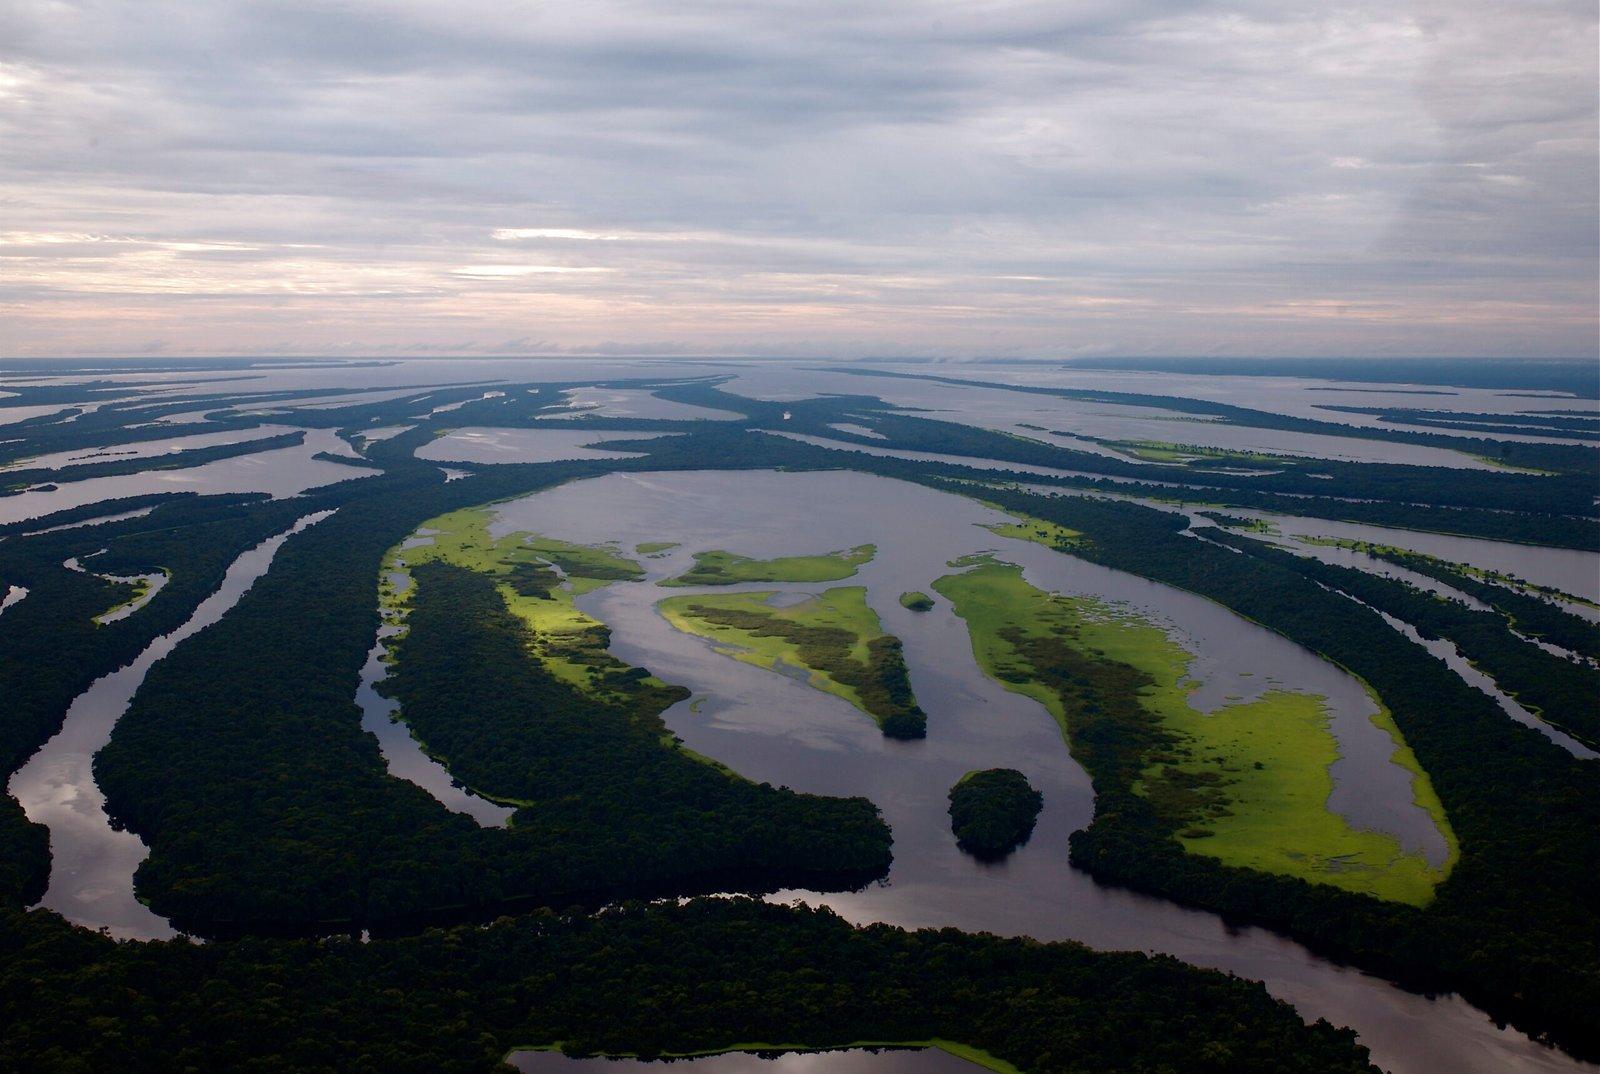 Mas se o seu interesse é conhecer a floresta amazônica, você pode visitar o Arquipélago de Anavilhanas, um conjunto de mais de 400 ilhas envolvidas por água doce. Uma localidade com uma diversidade gigantesca de espécies, cuja paisagem no fim do dia é impressionante.